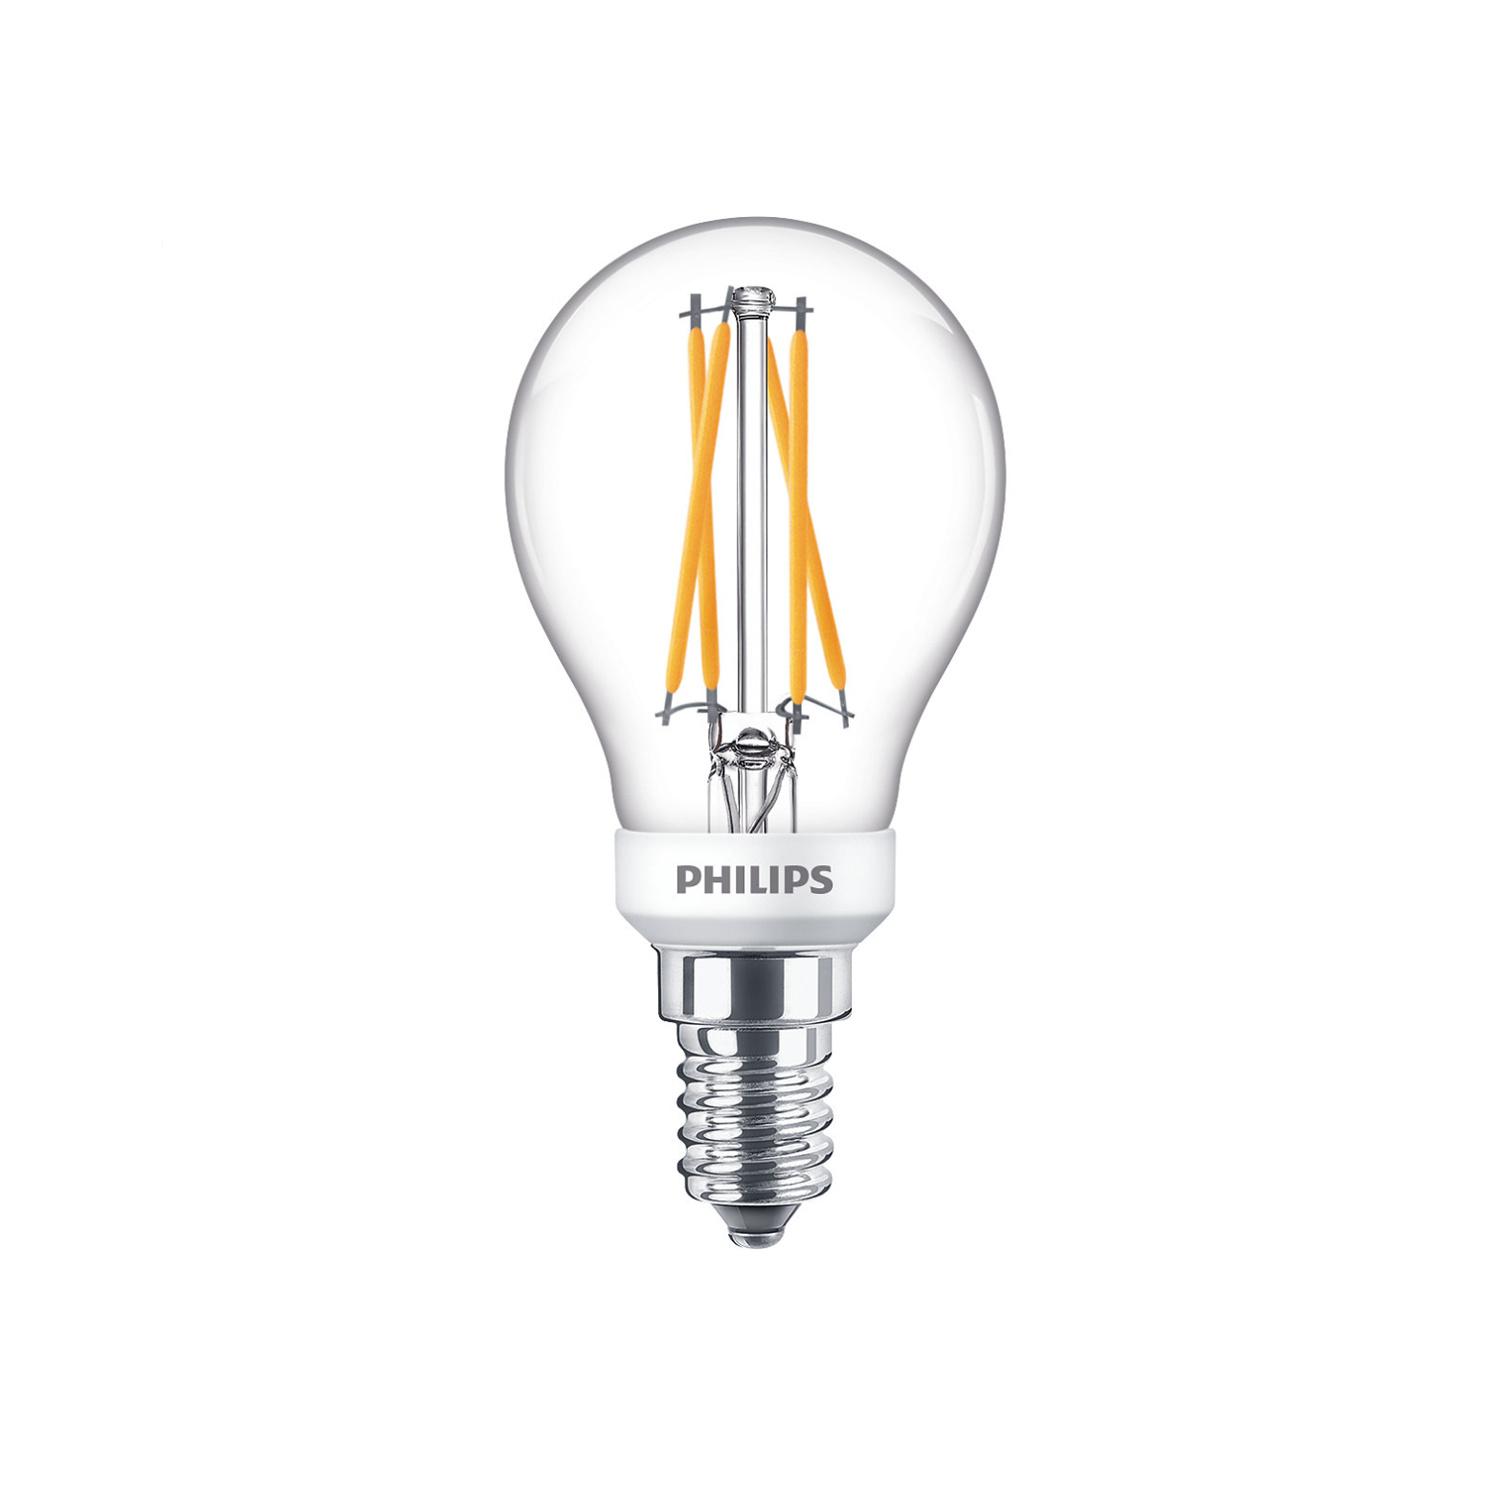 Philips LED E14 kogel 40-6 Watt Philips warmglow filament DIM